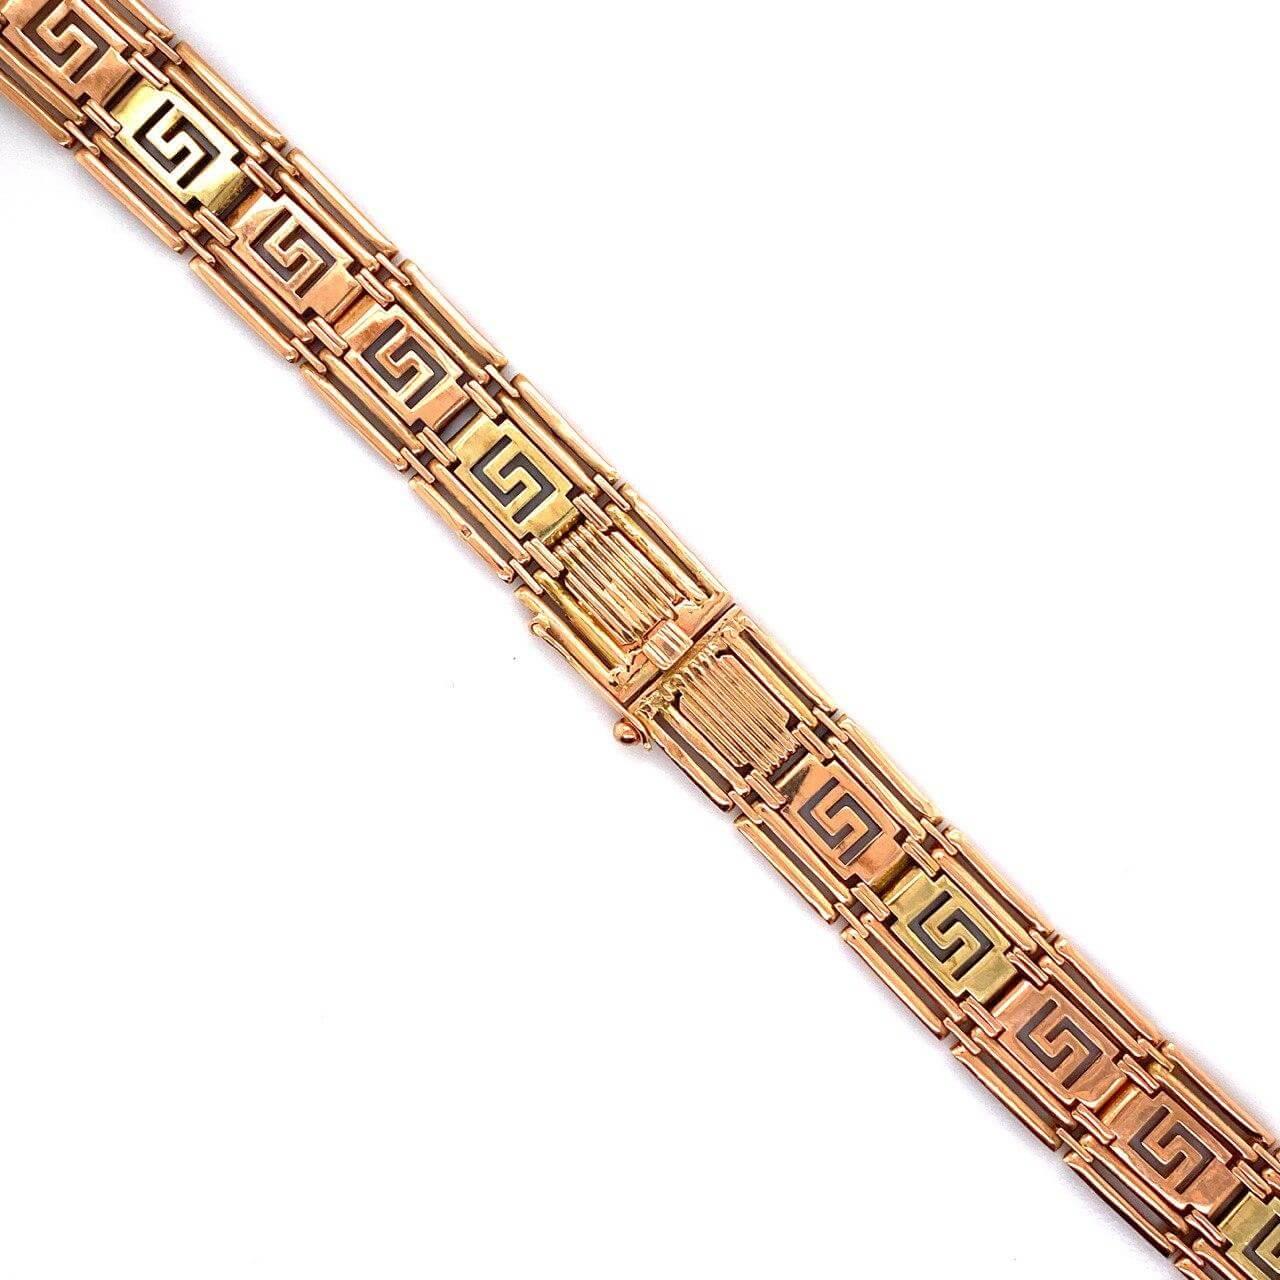 Женский браслет для часов из золота арт. 03816 03816